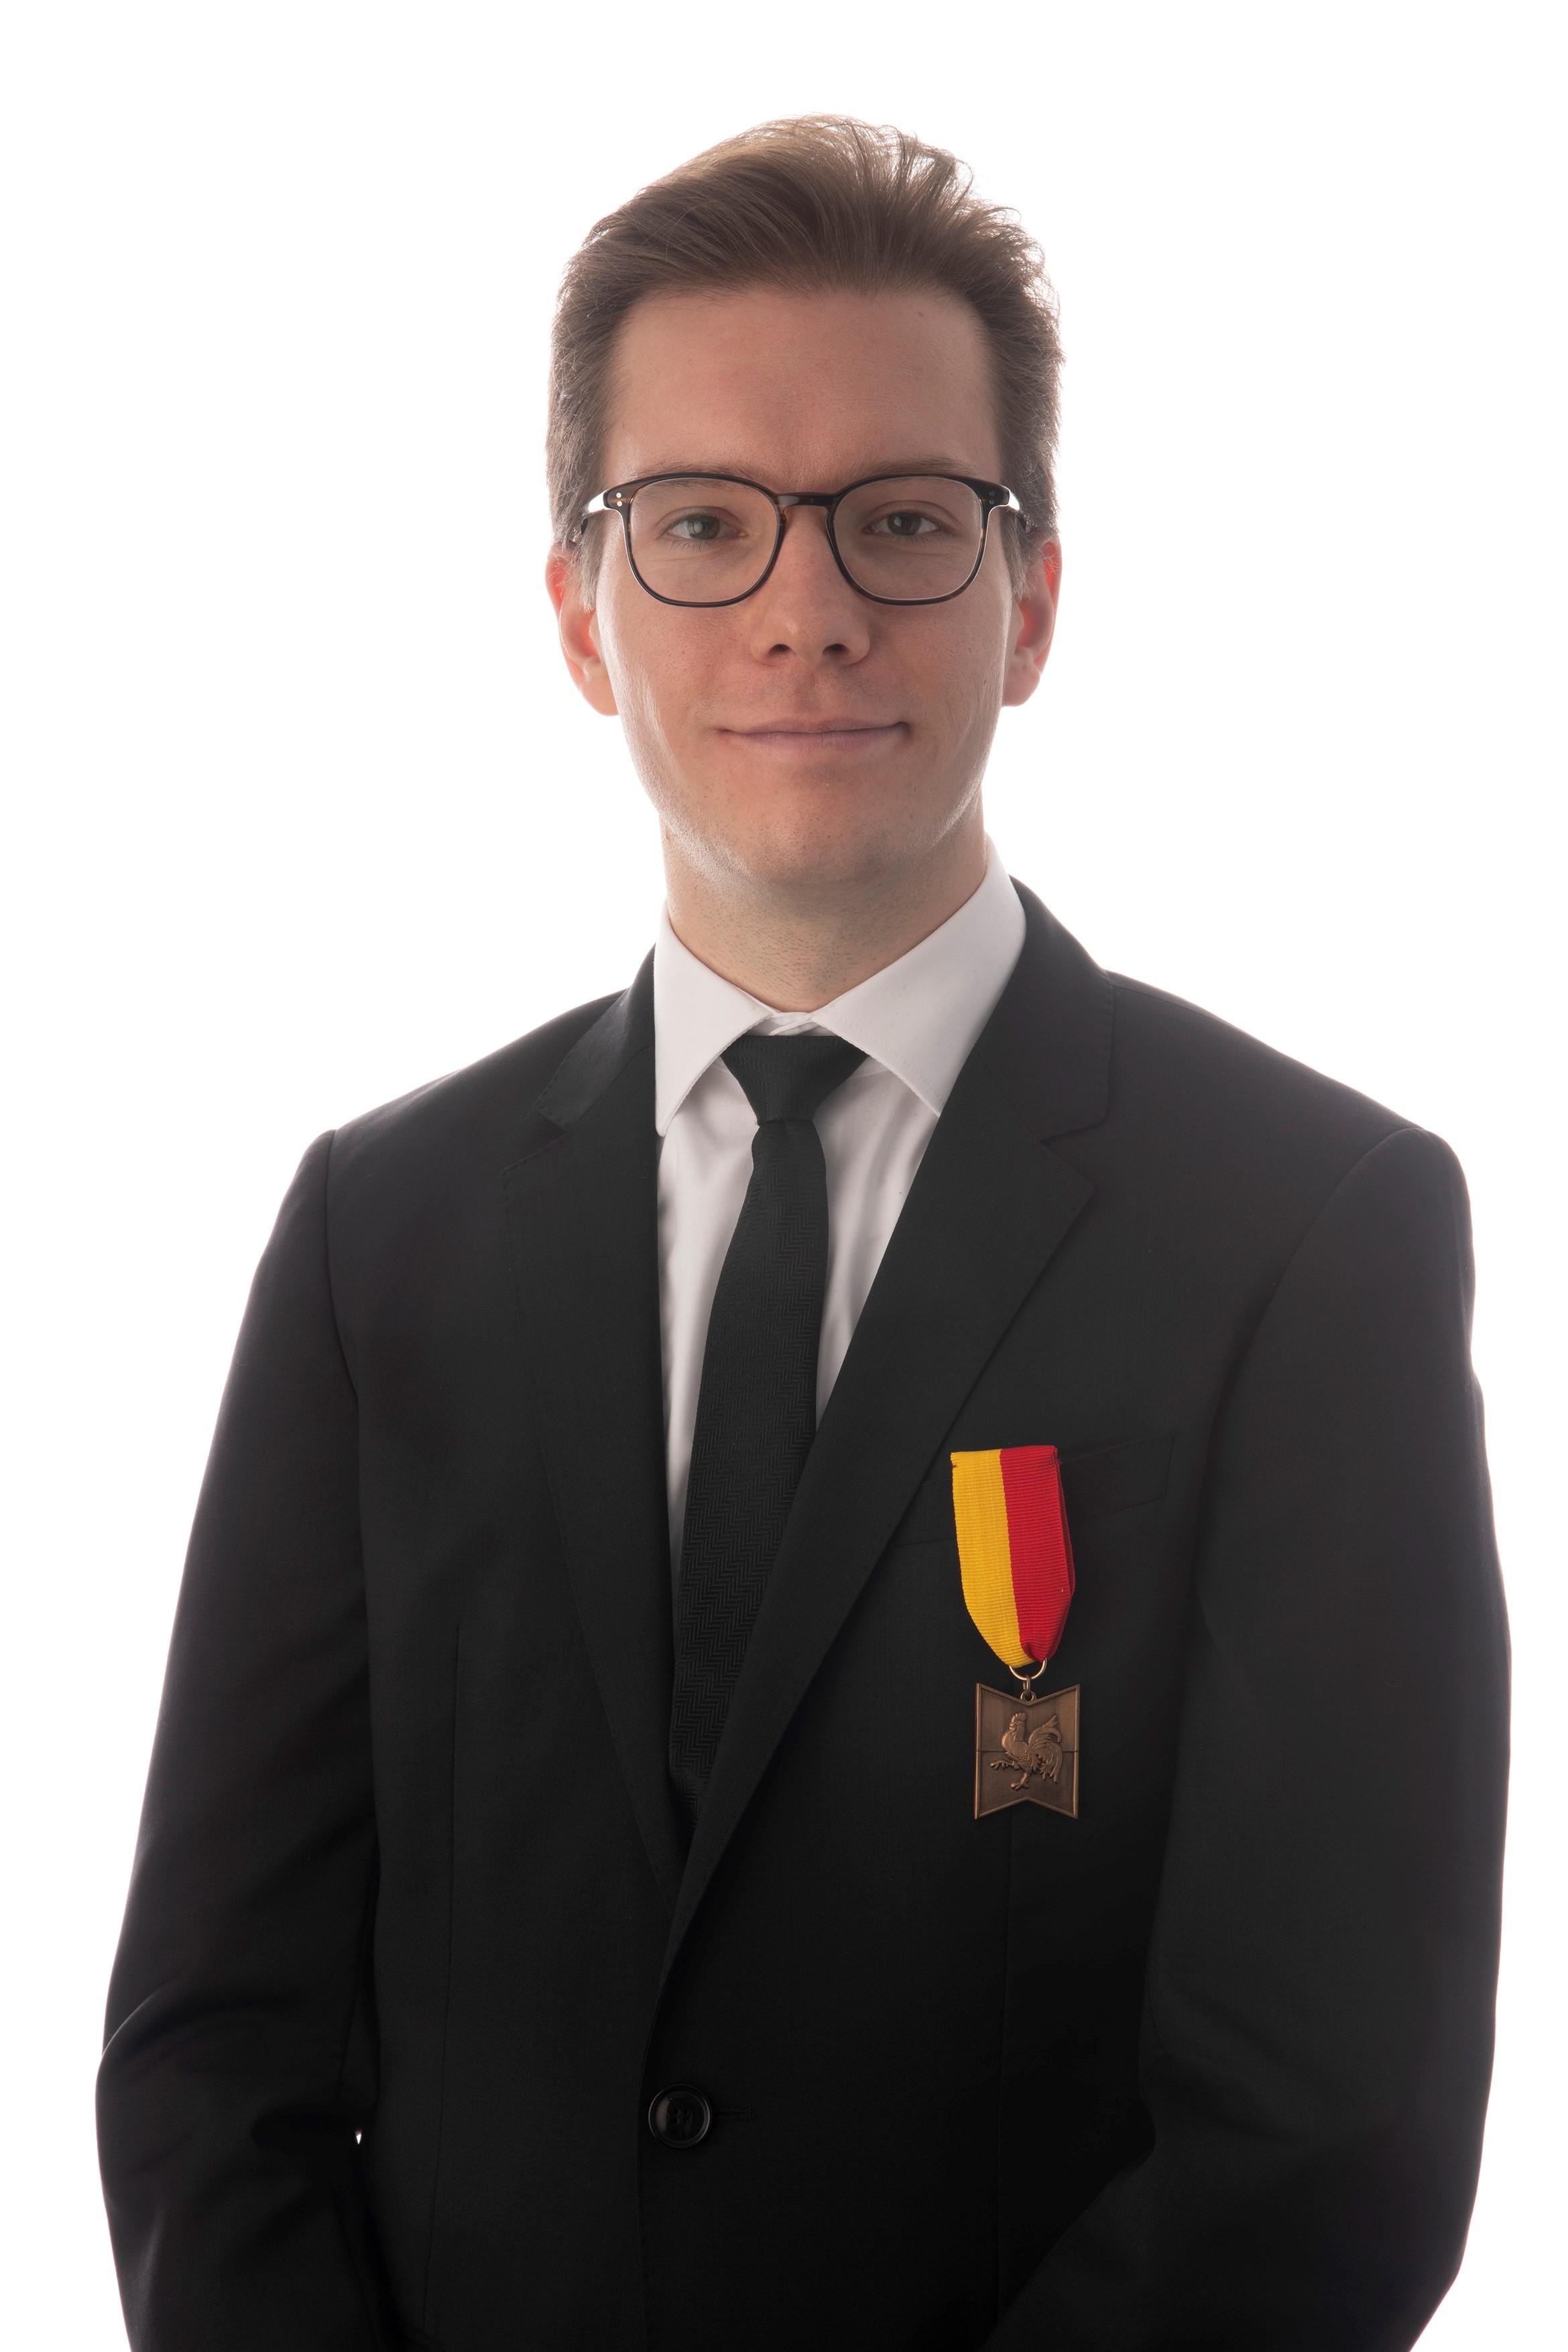 Mérite Wallon